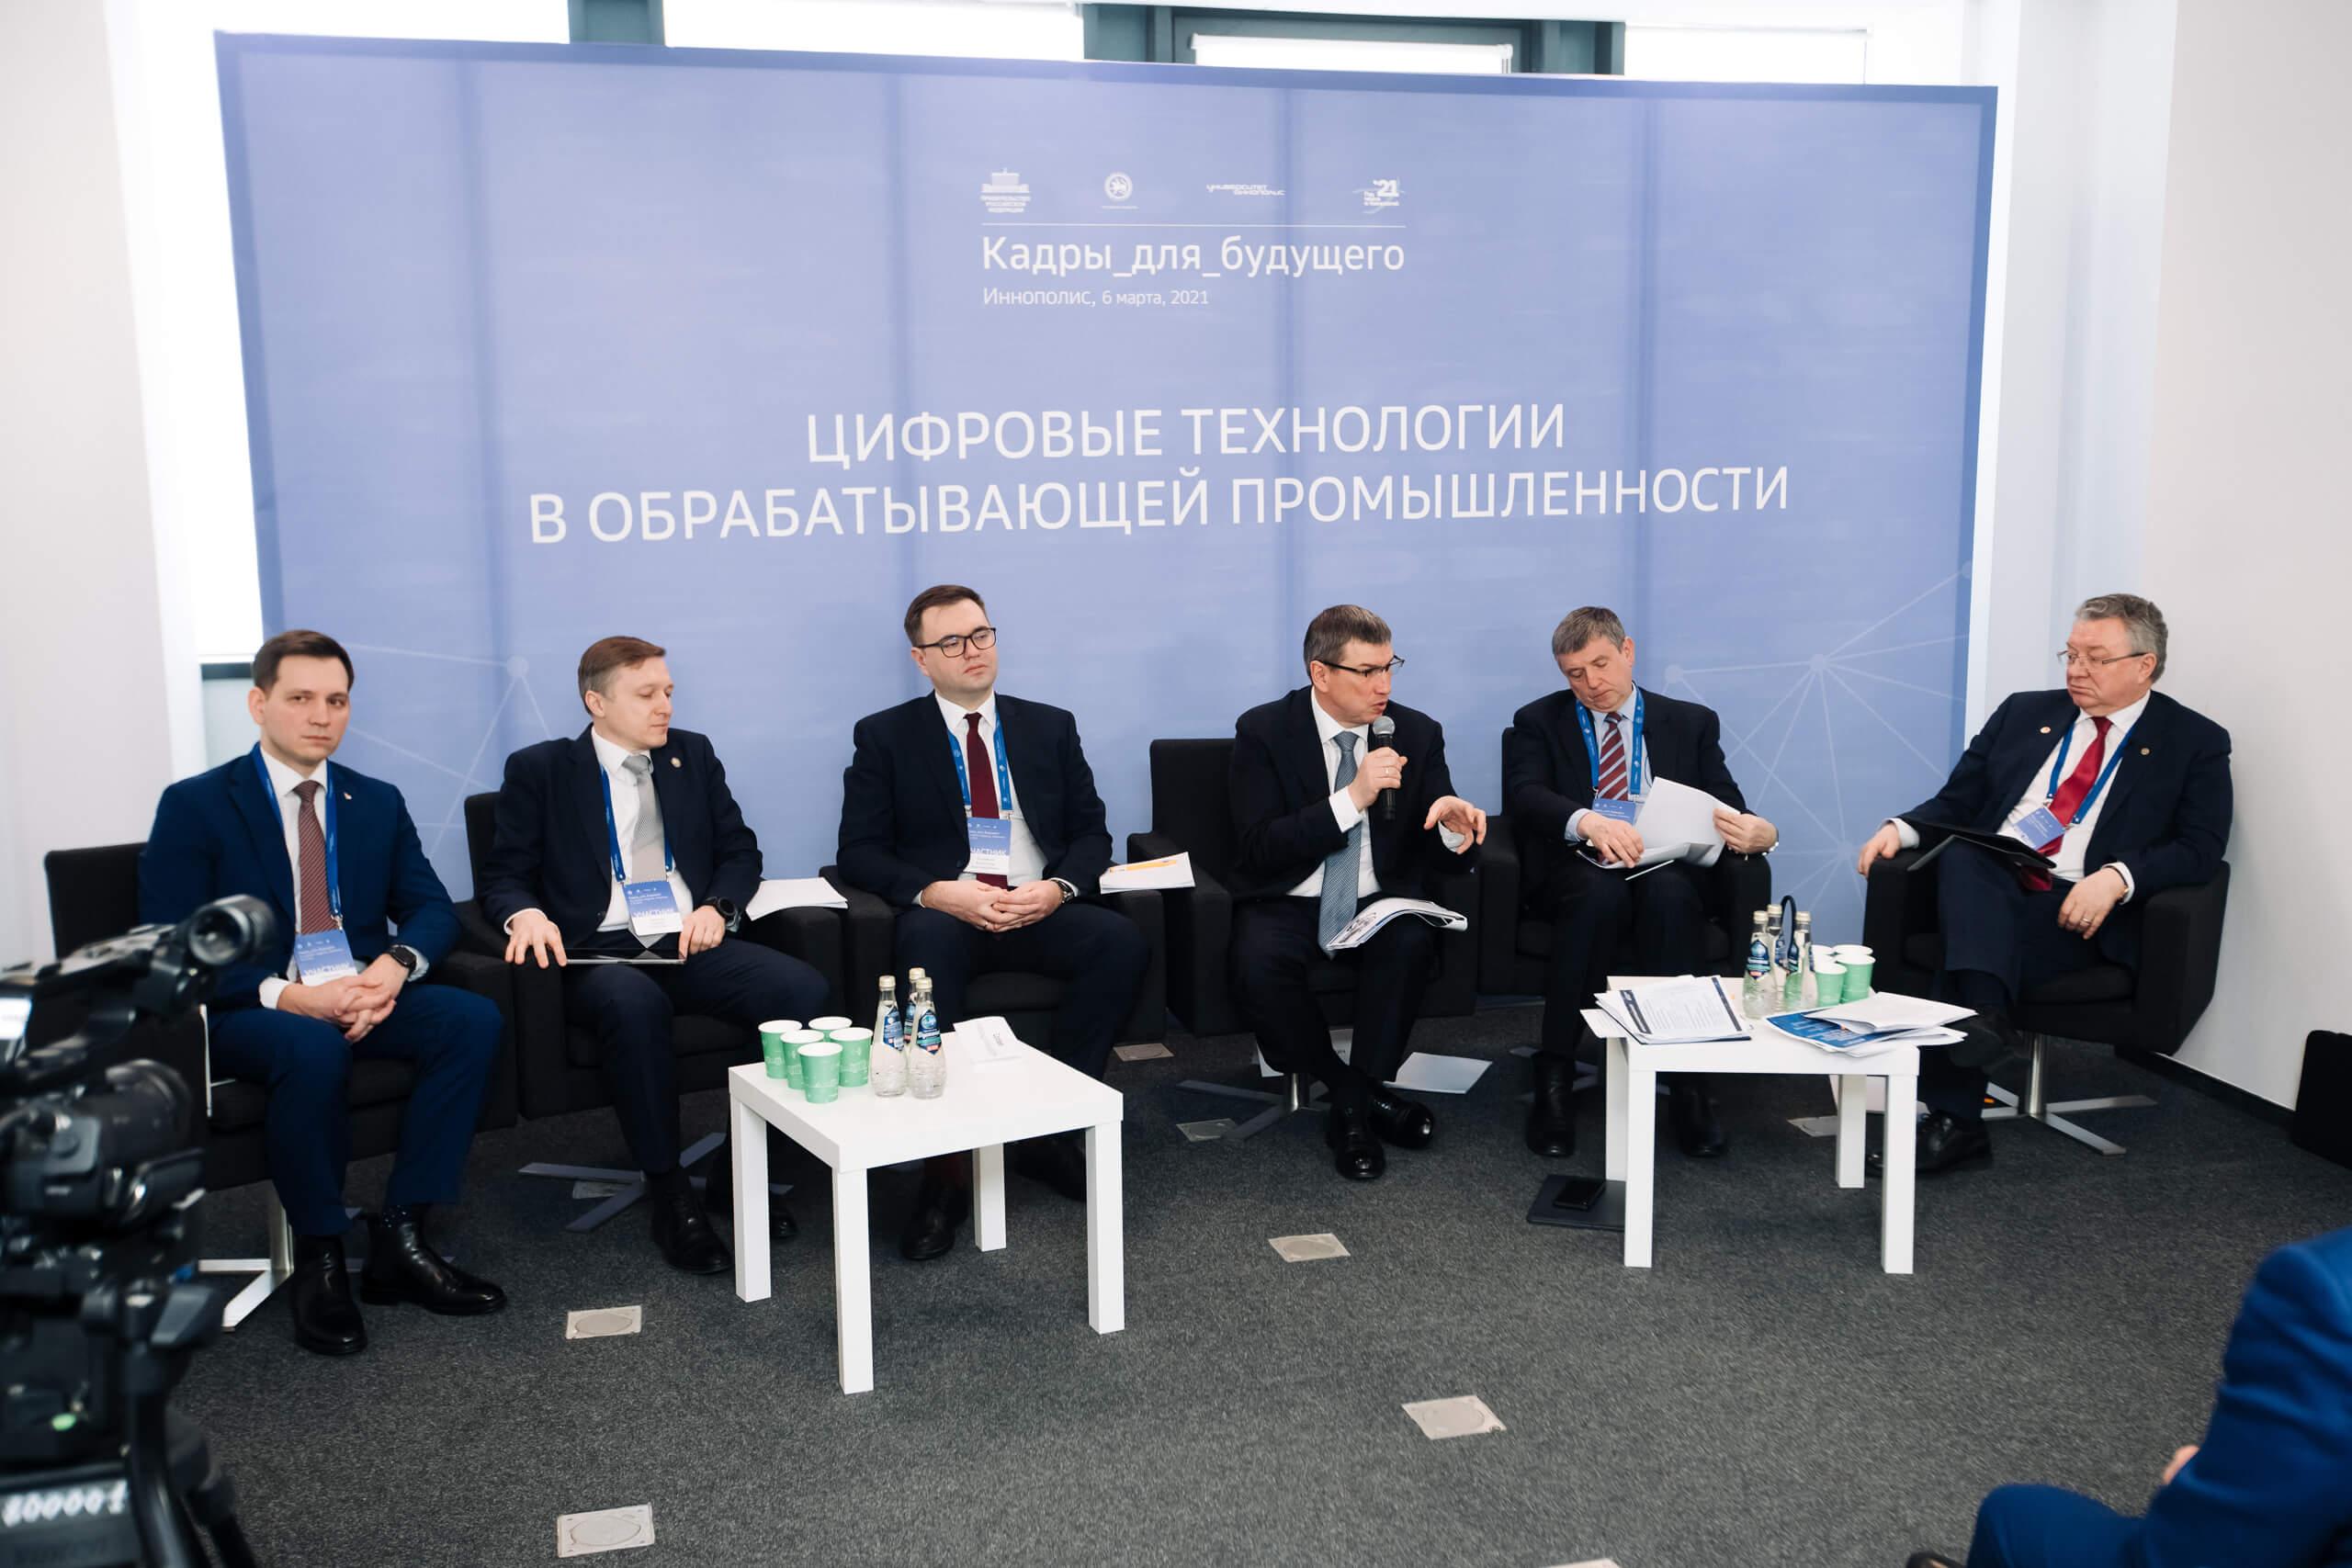 Росаккредитация приняла участие в обсуждении вопросов подготовки кадров для цифровой экономики